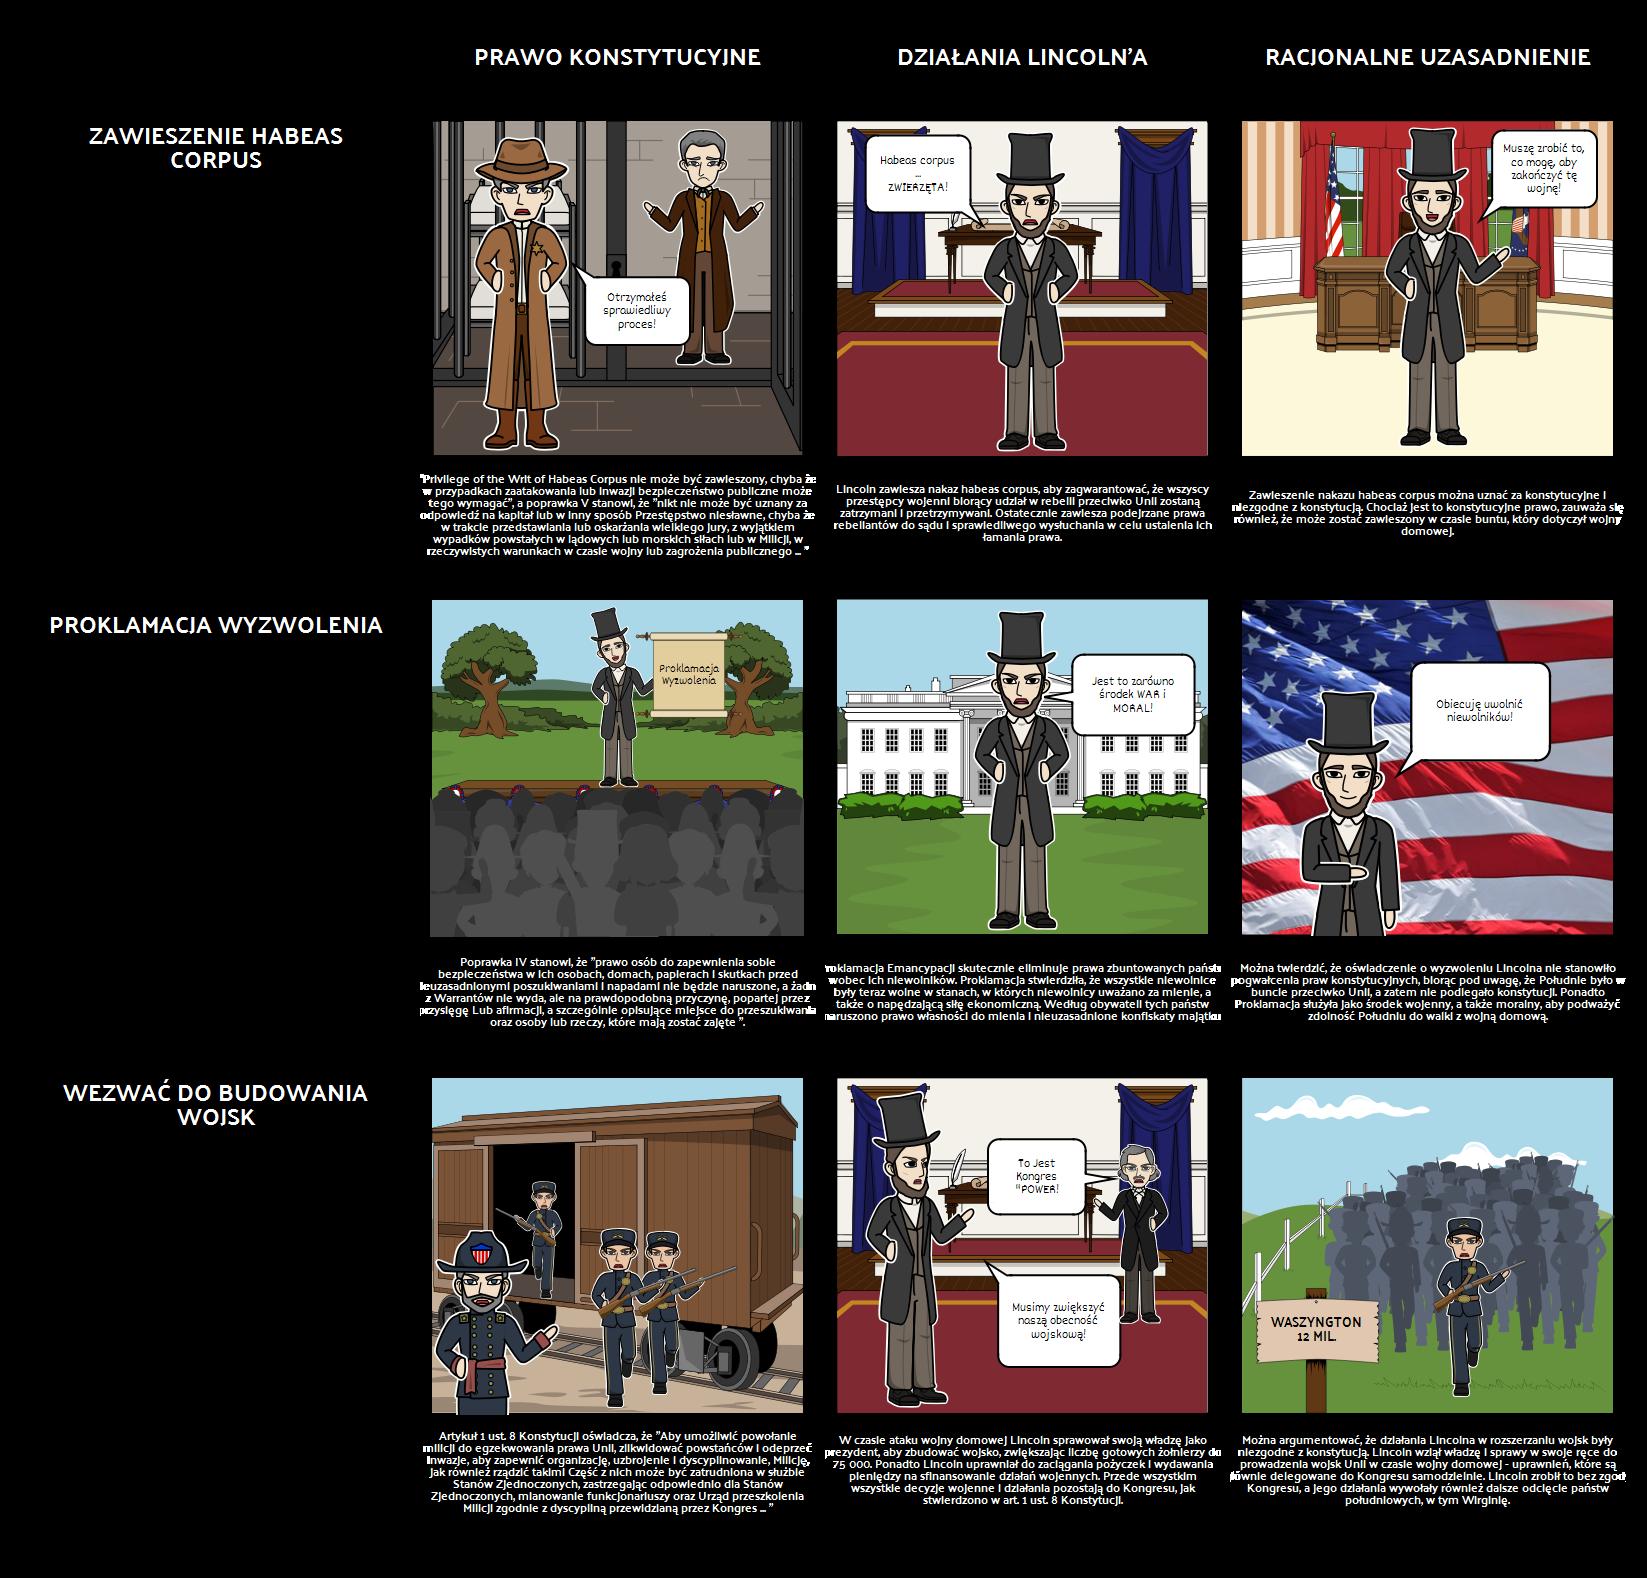 Lincoln Rozszerzenia Kompetencji i Jego Konstytucji